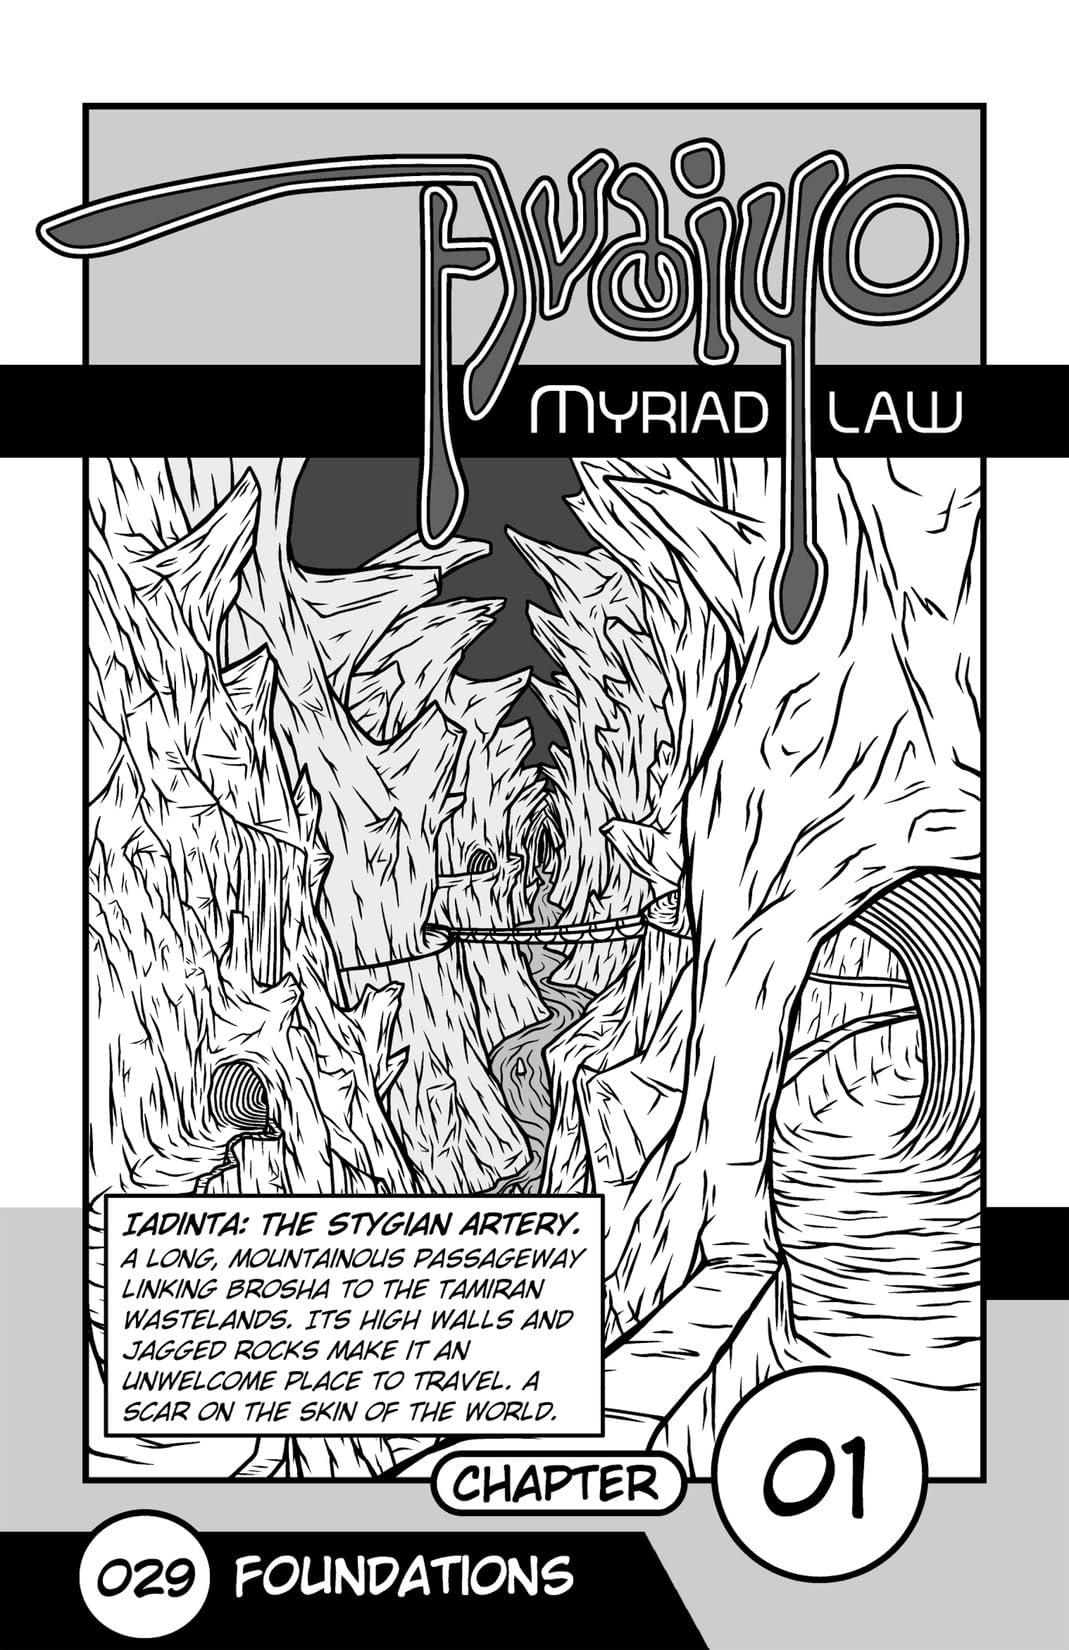 Avaiyo: Myriad Law #029